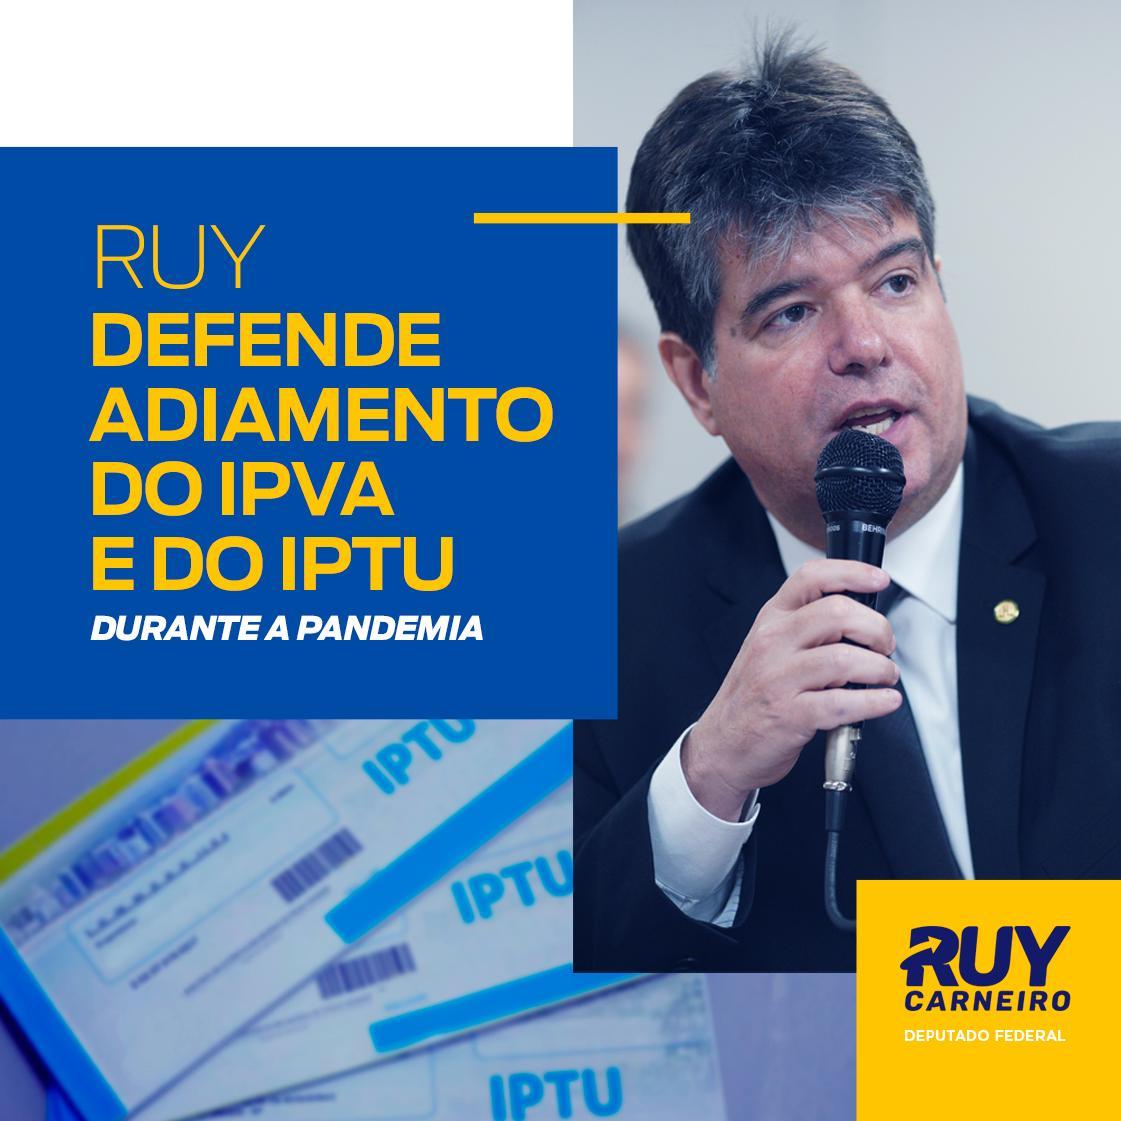 """WhatsApp Image 2020 05 27 at 16.20.20 - Ruy defende adiar cobrança do IPVA e do IPTU: """"As famílias e empresas estão no sufoco"""""""